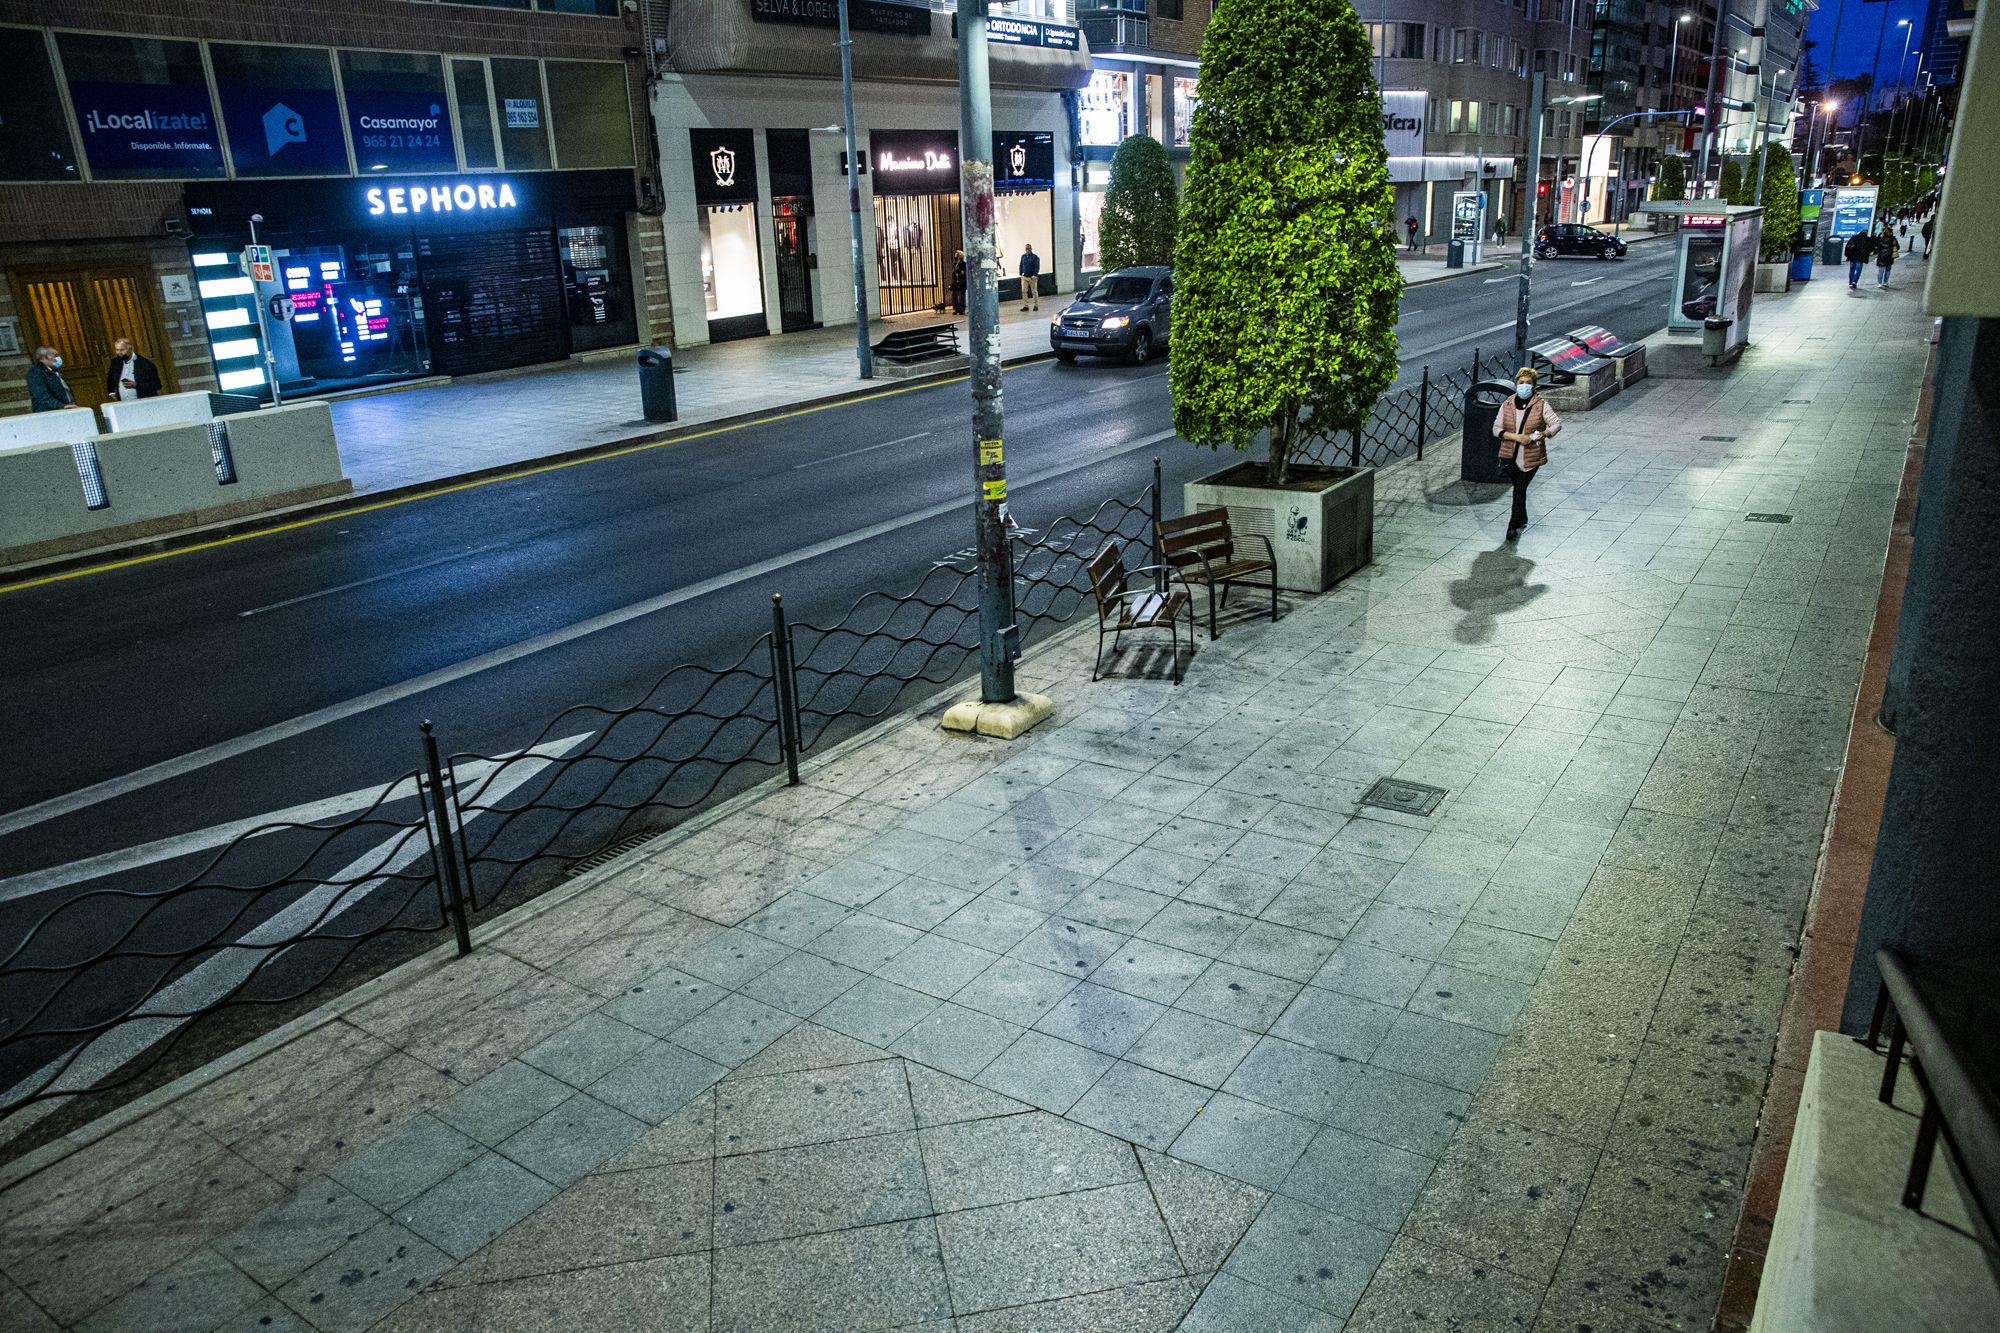 La clausura de la hostelería deja desiertas las calles comerciales de Alicante